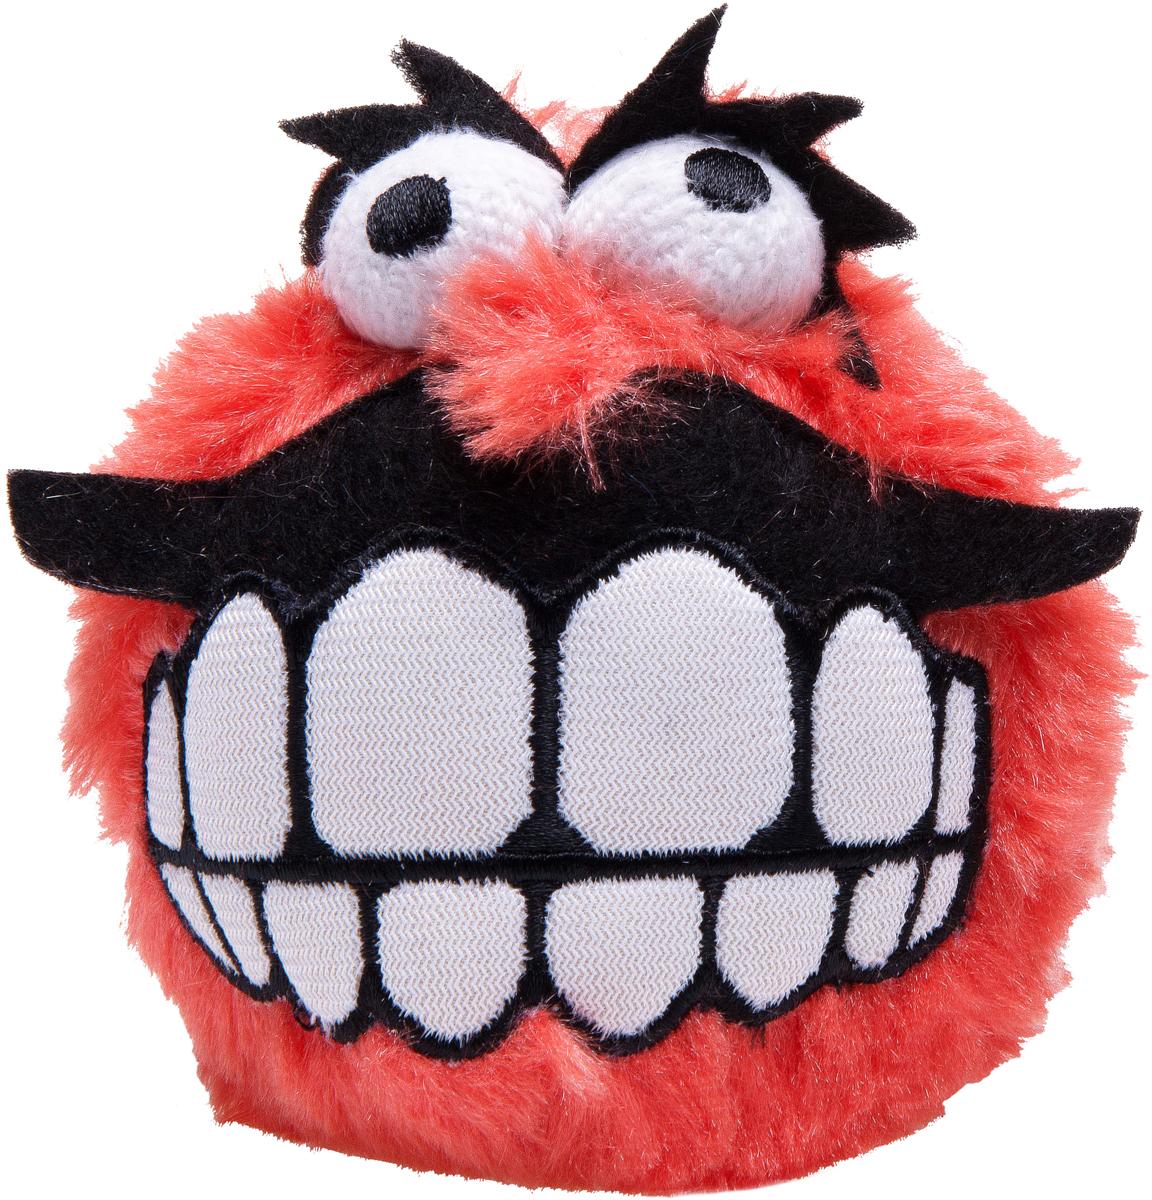 Игрушка для собак Rogz Fluffy Grinz. Зубы, цвет: красный, диаметр 6,4 см0120710Особо мягкие, плюшевые мячи.Для животных, которые любят играть в «Поймай-принеси» - это просто мечта.Небольшой вес изделия.Не травмирует зубы и десна.Удобен для переноски животным.Внутри игрушки – пищалка, что поддерживает интерес животного к игре. Полиэстер, синтетический наполнитель